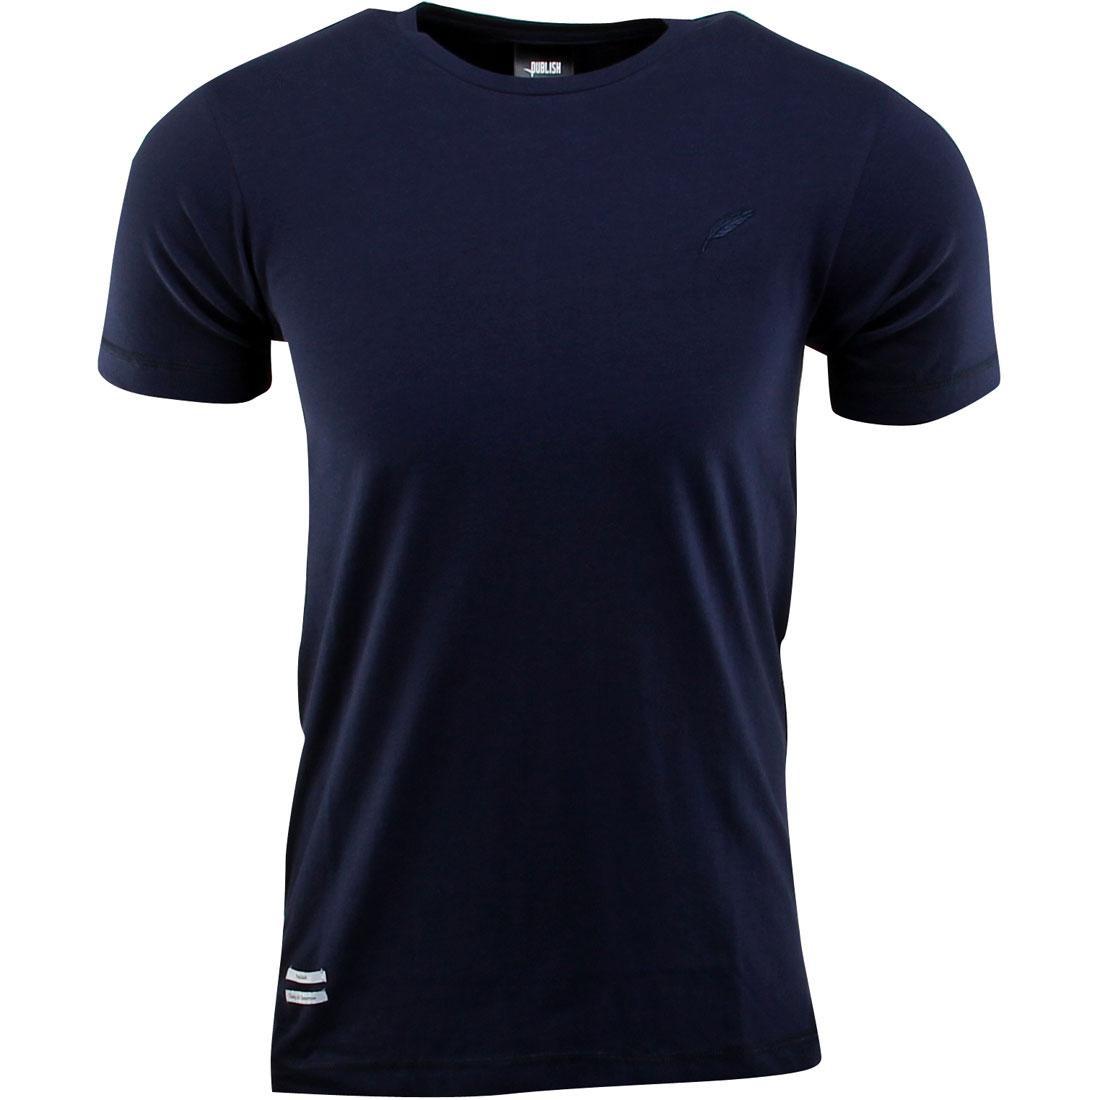 【海外限定】パブリッシュ ジャージ Tシャツ トップス メンズファッション 【 PUBLISH EAMON 140G JERSEY BODY TEE NAVY 】